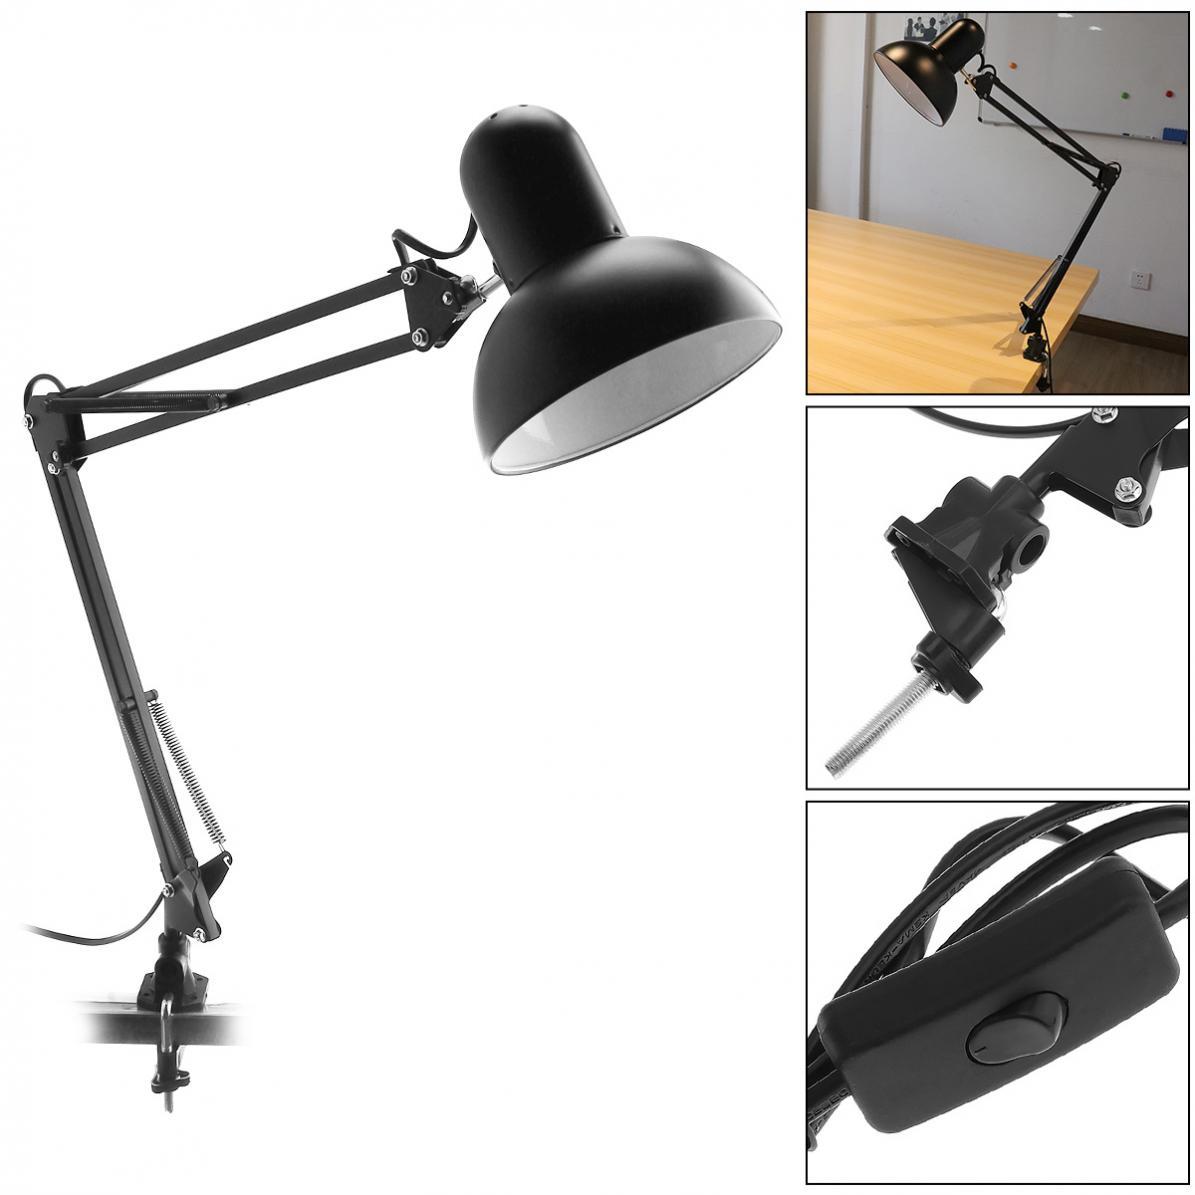 Flexible Schreibtisch Augenschutz Lampe Mit Drehbare Lampe Kopf Und Clamp Montieren Unterstützung 360 Grad Rotation Für Büro/home Neueste Technik Licht & Beleuchtung Schreibtischlampen